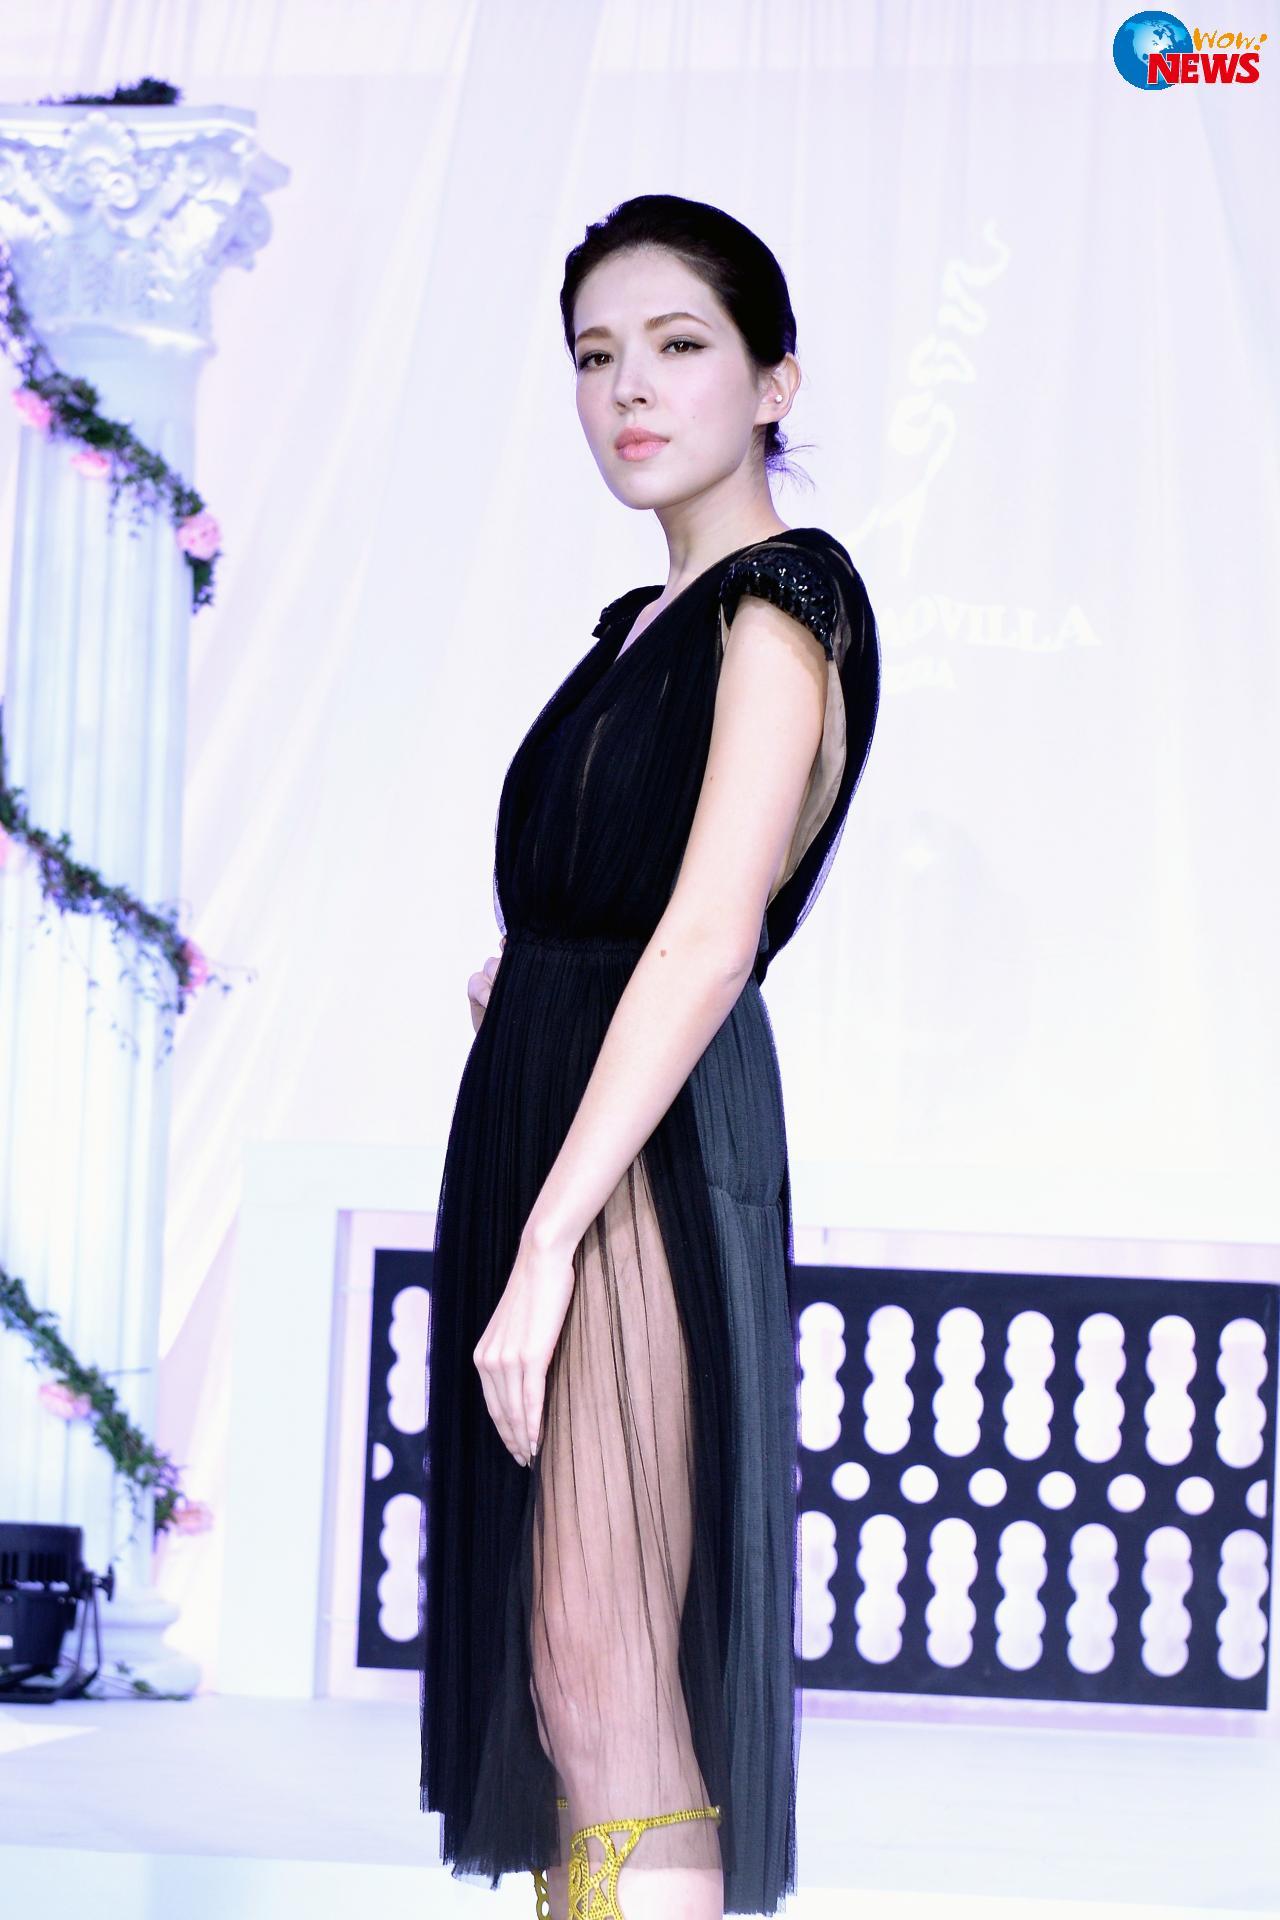 許瑋甯短髮鑽靴酷帥使壞 性感演繹春色輕奢華 Wow News新聞網